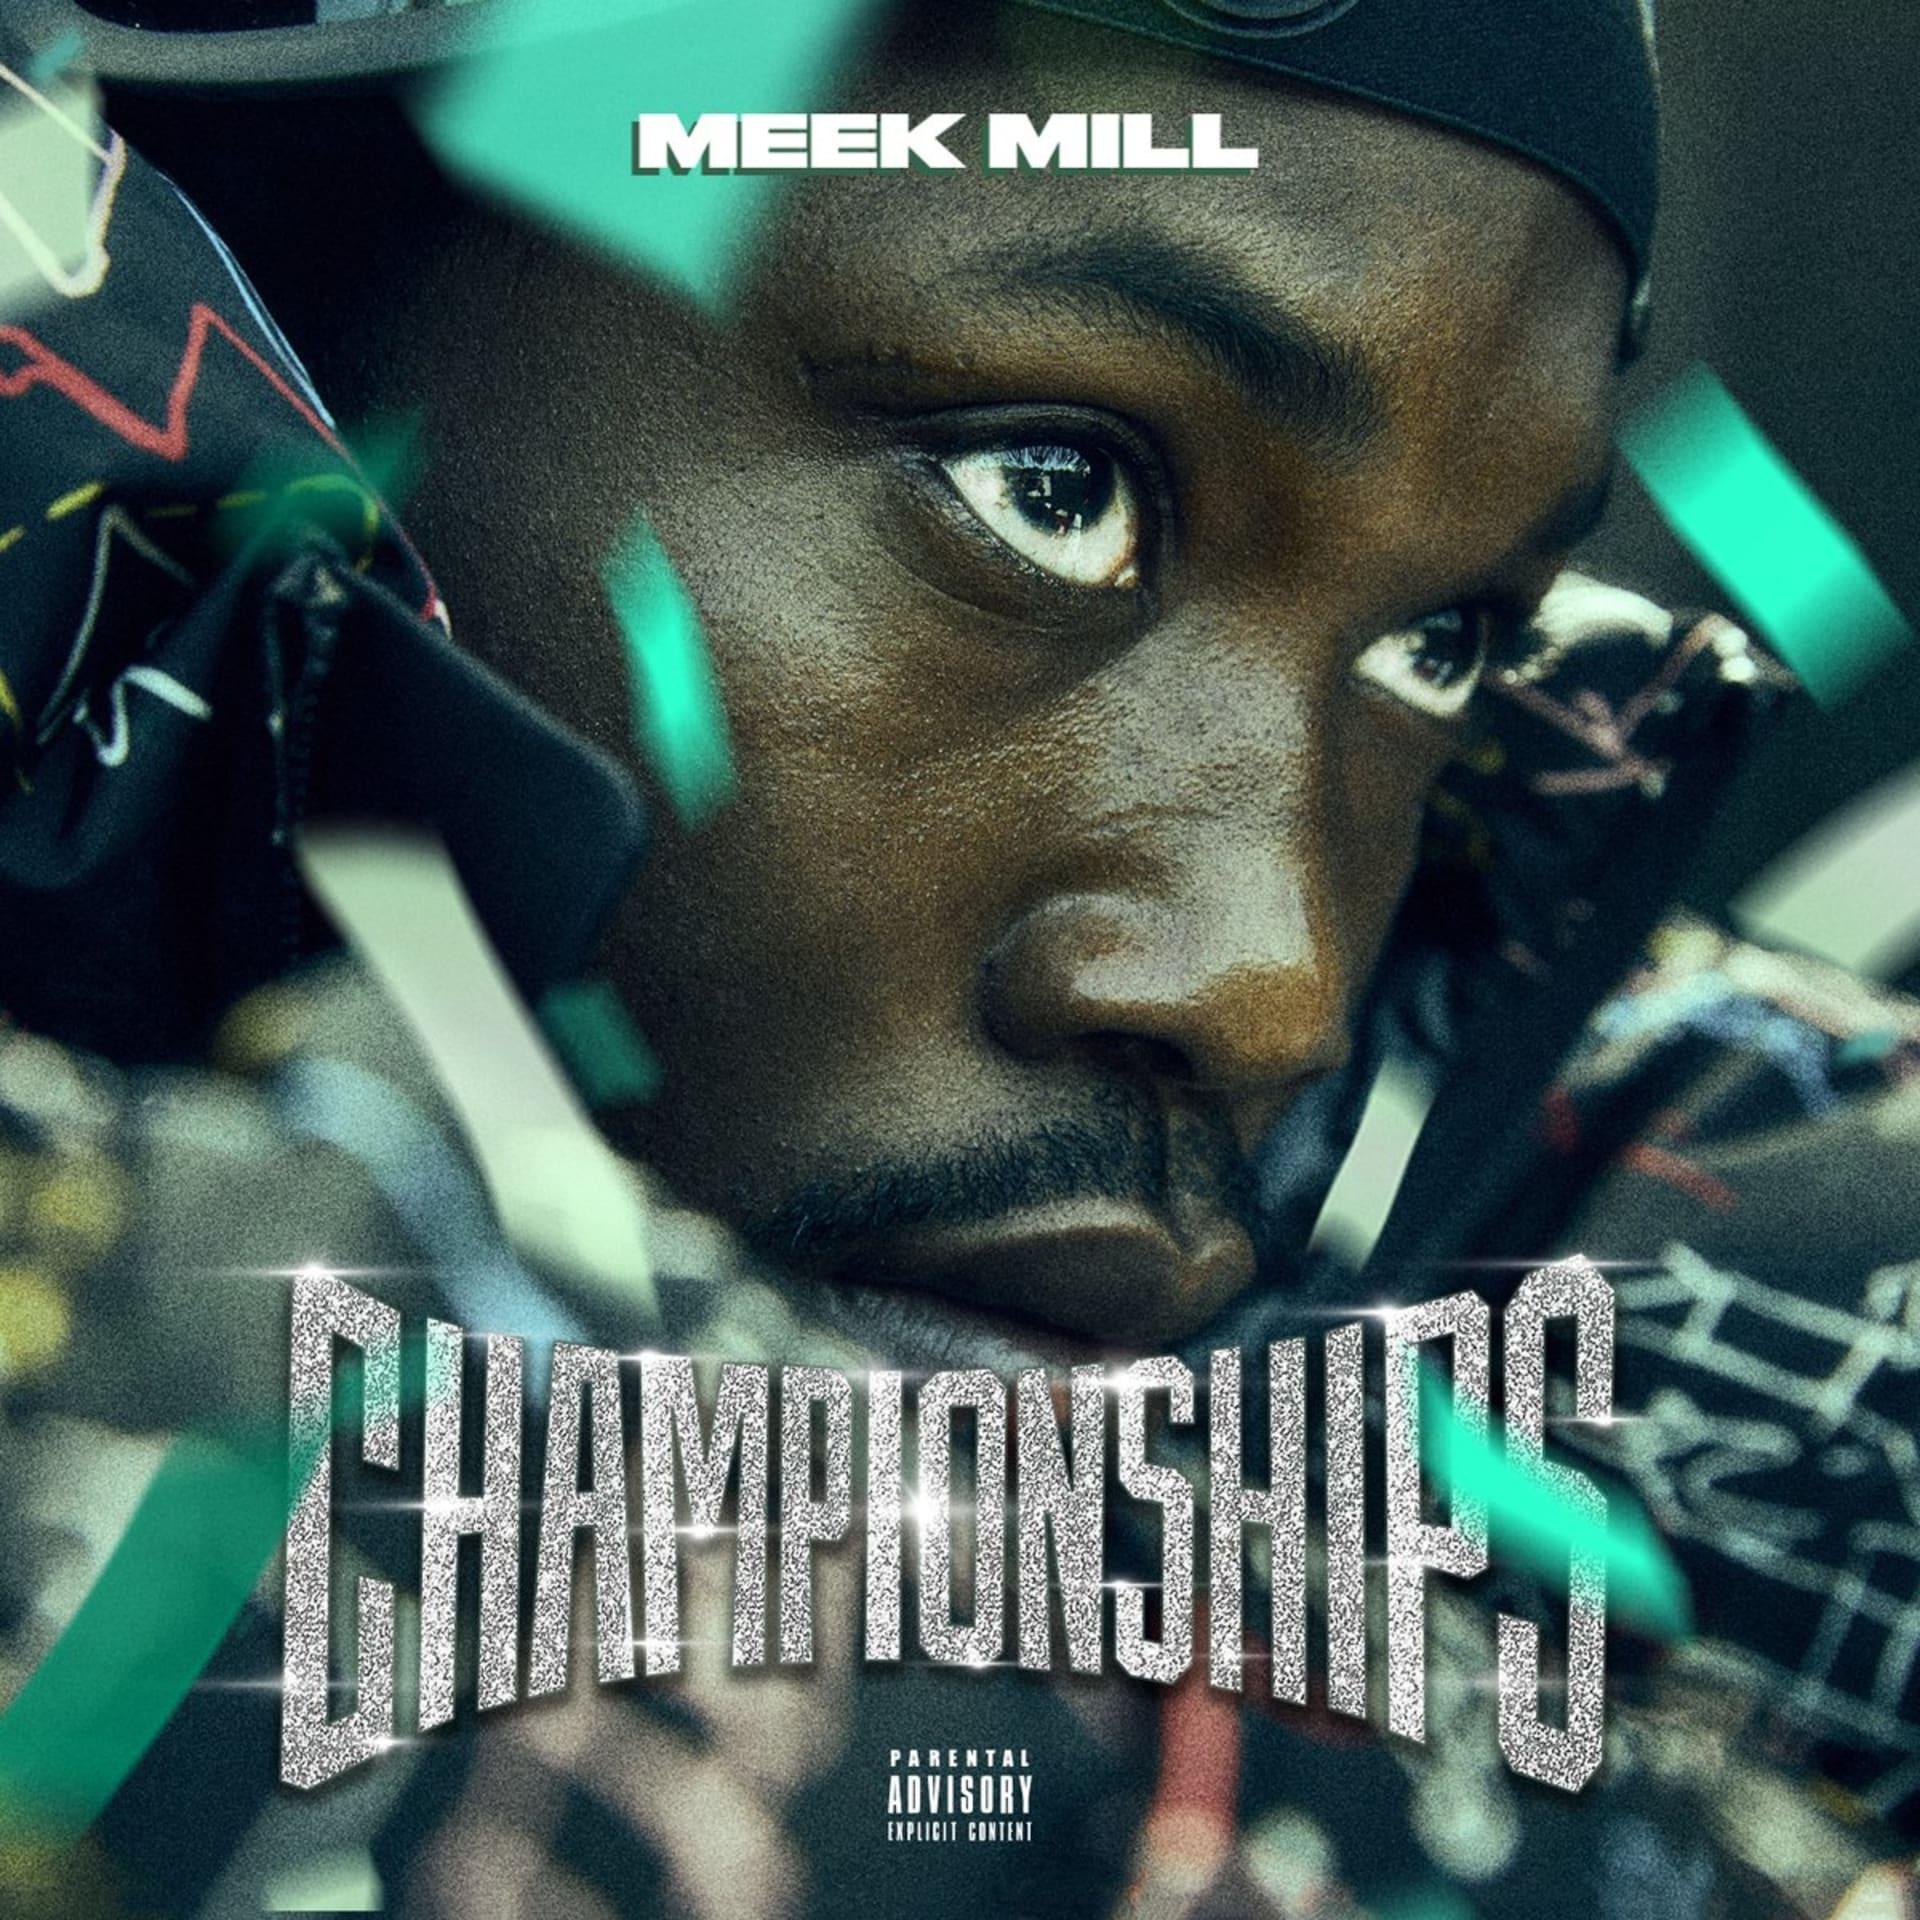 meek-mill-championships-art